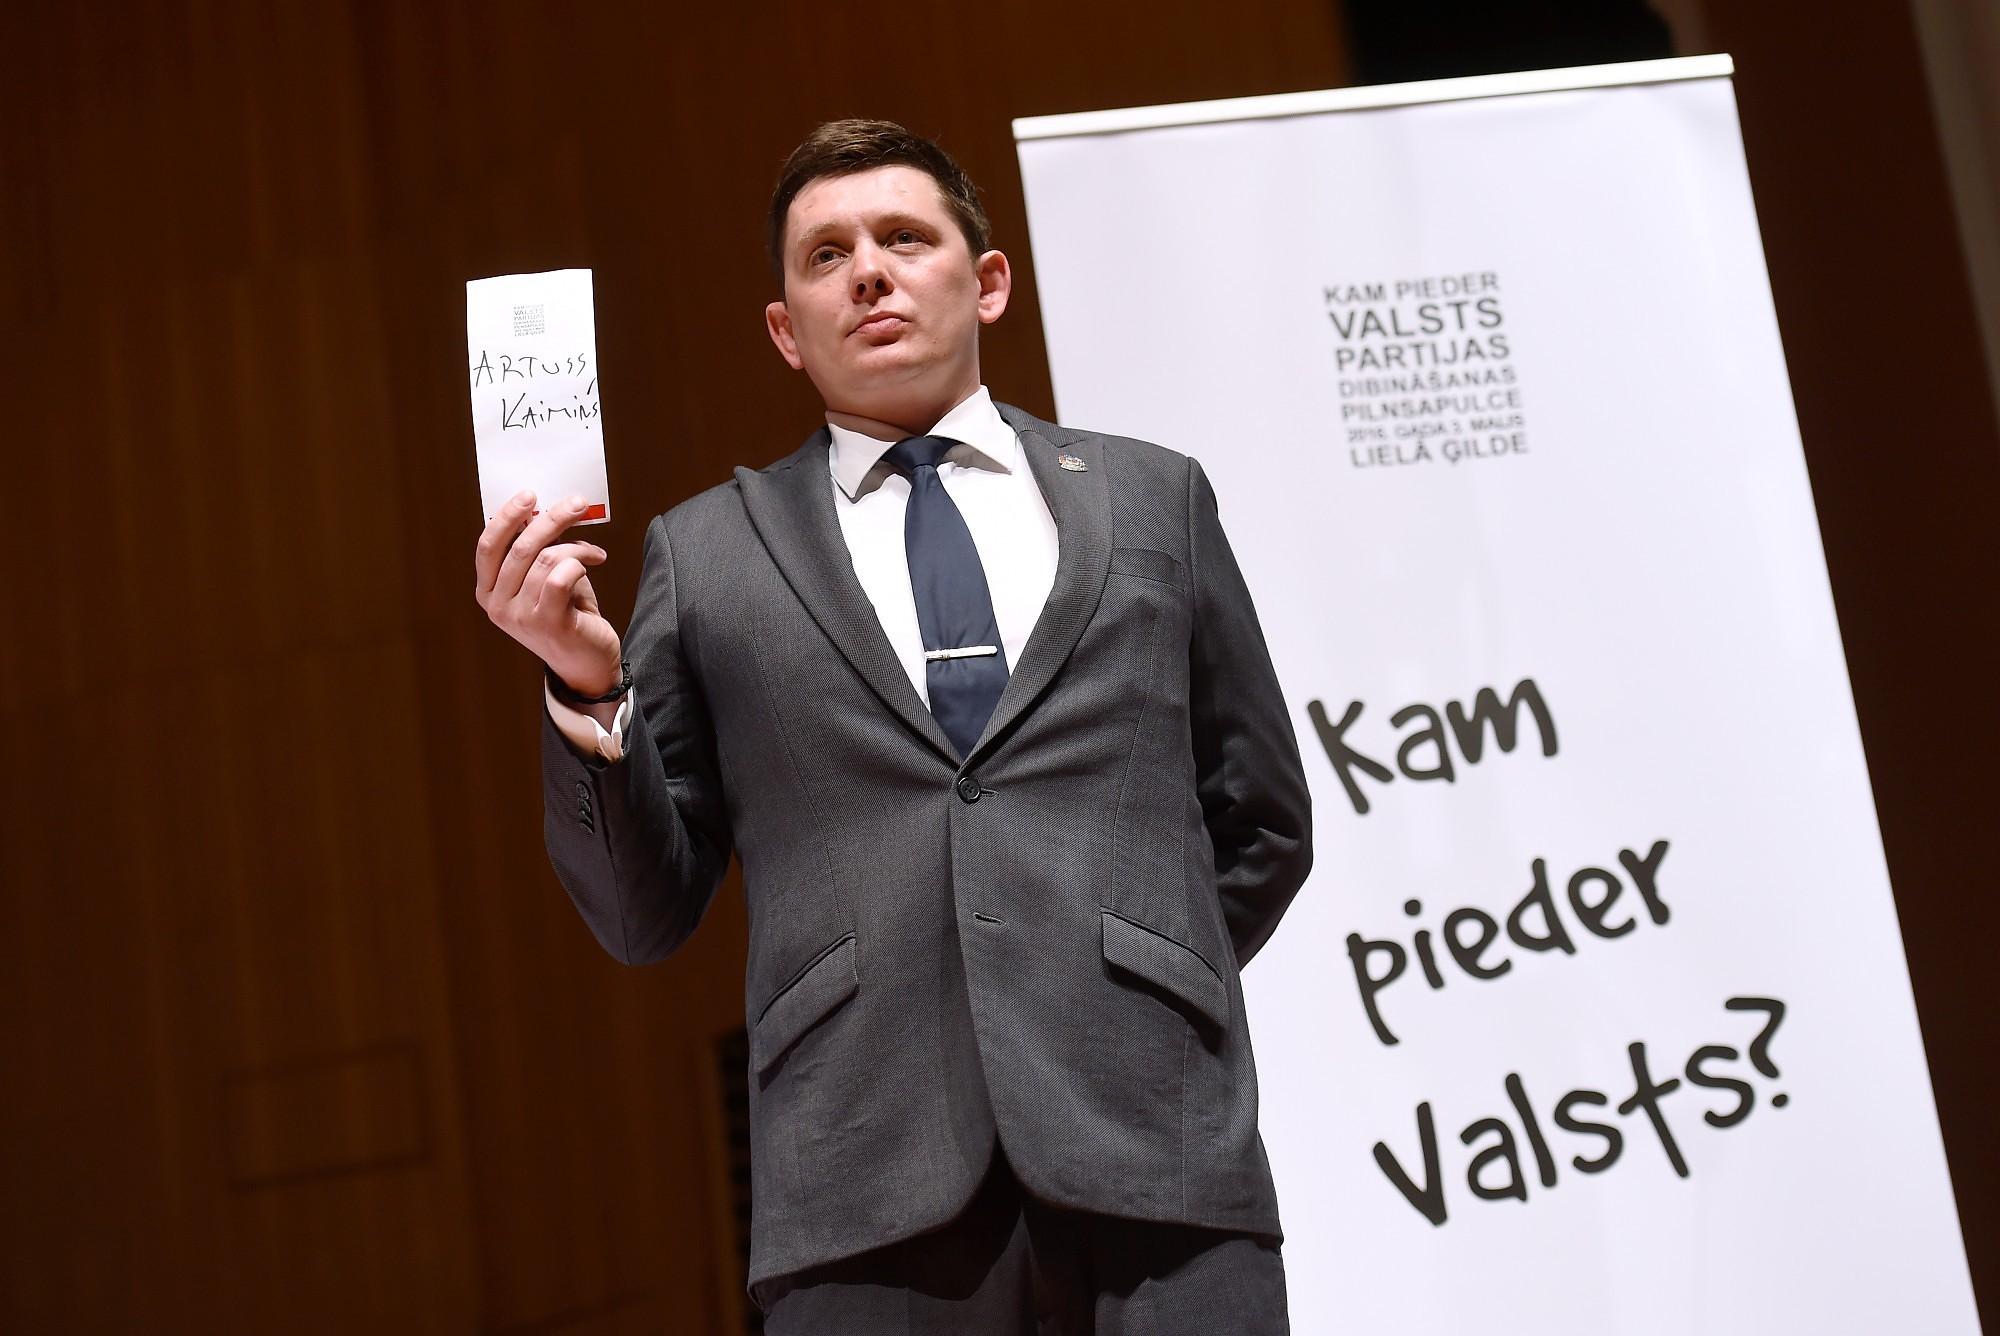 Кайминьш предлагает Кариньшу не брать в правительство Гобземса и прежних министров из «старых партий власти»